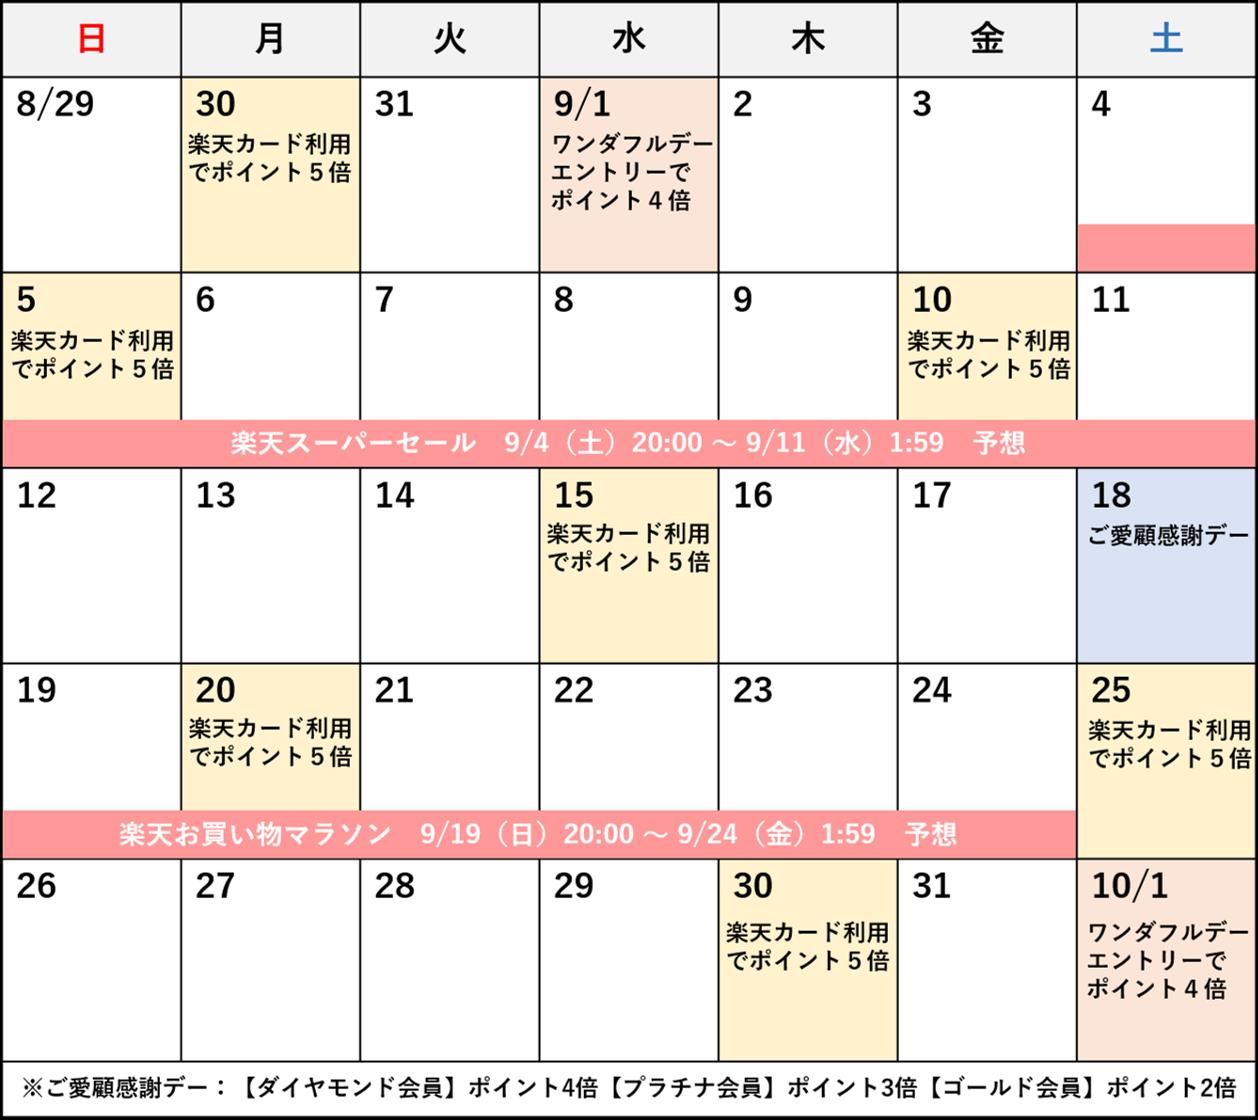 9月の楽天イベントカレンダー